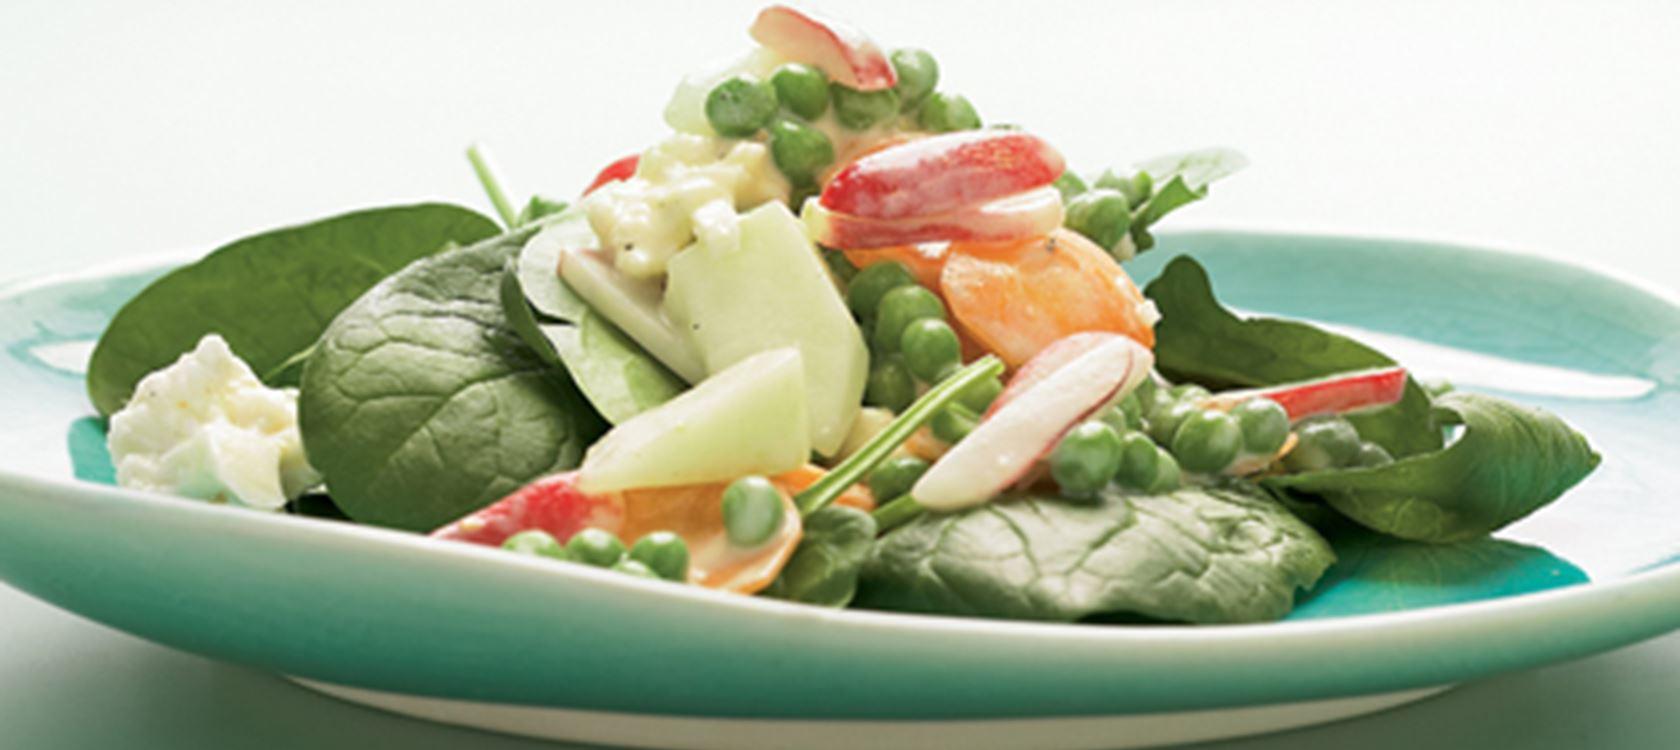 salat med rter melon og spinat opskrifter arla. Black Bedroom Furniture Sets. Home Design Ideas